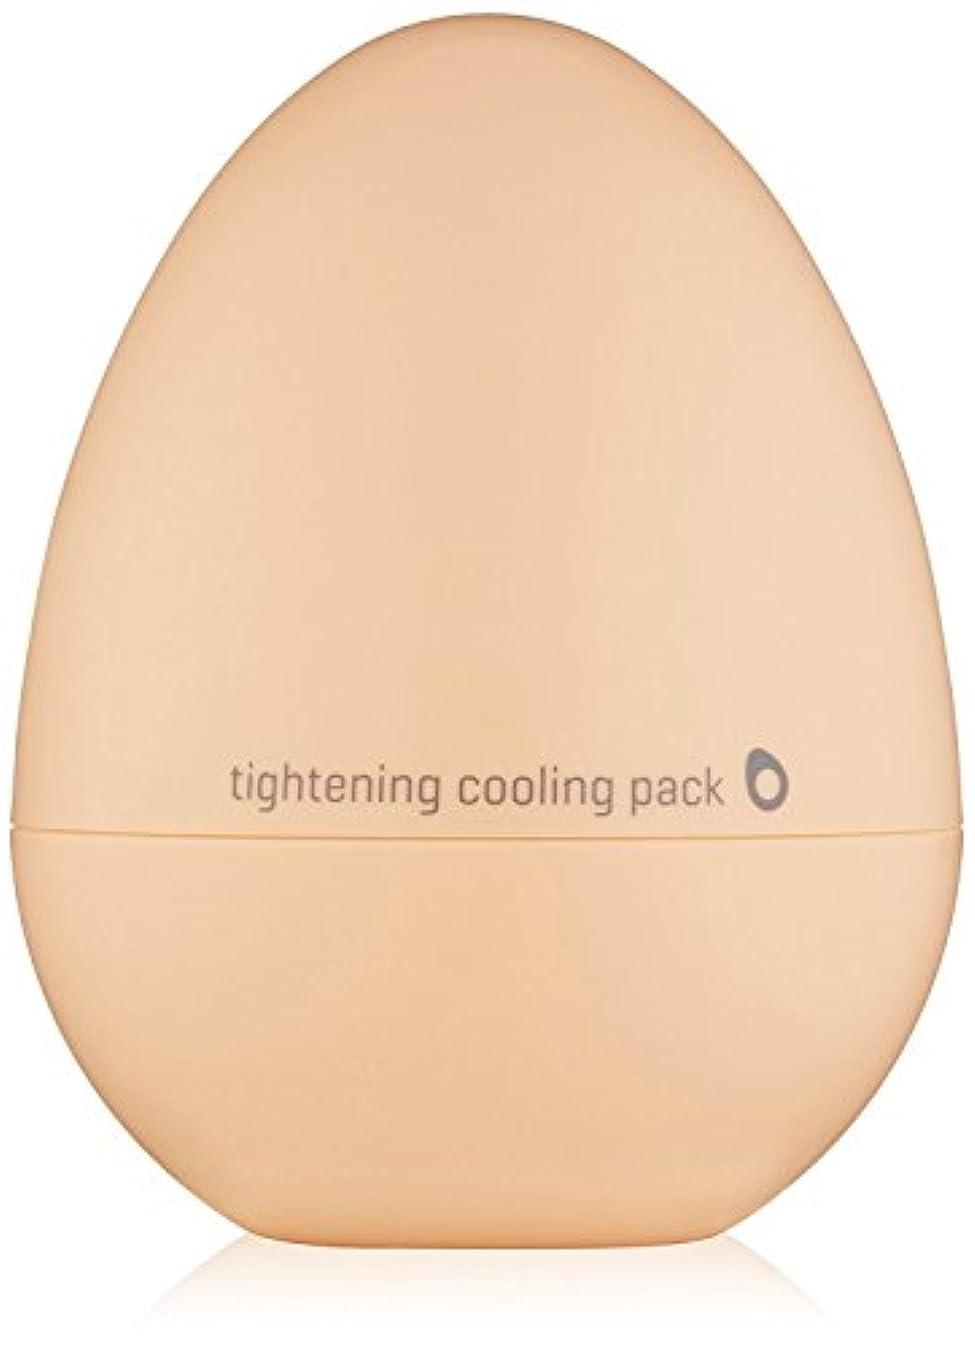 行商人サーフィン以来トニーモリー Egg Pore Tightening Cooling Pack 30g/1oz